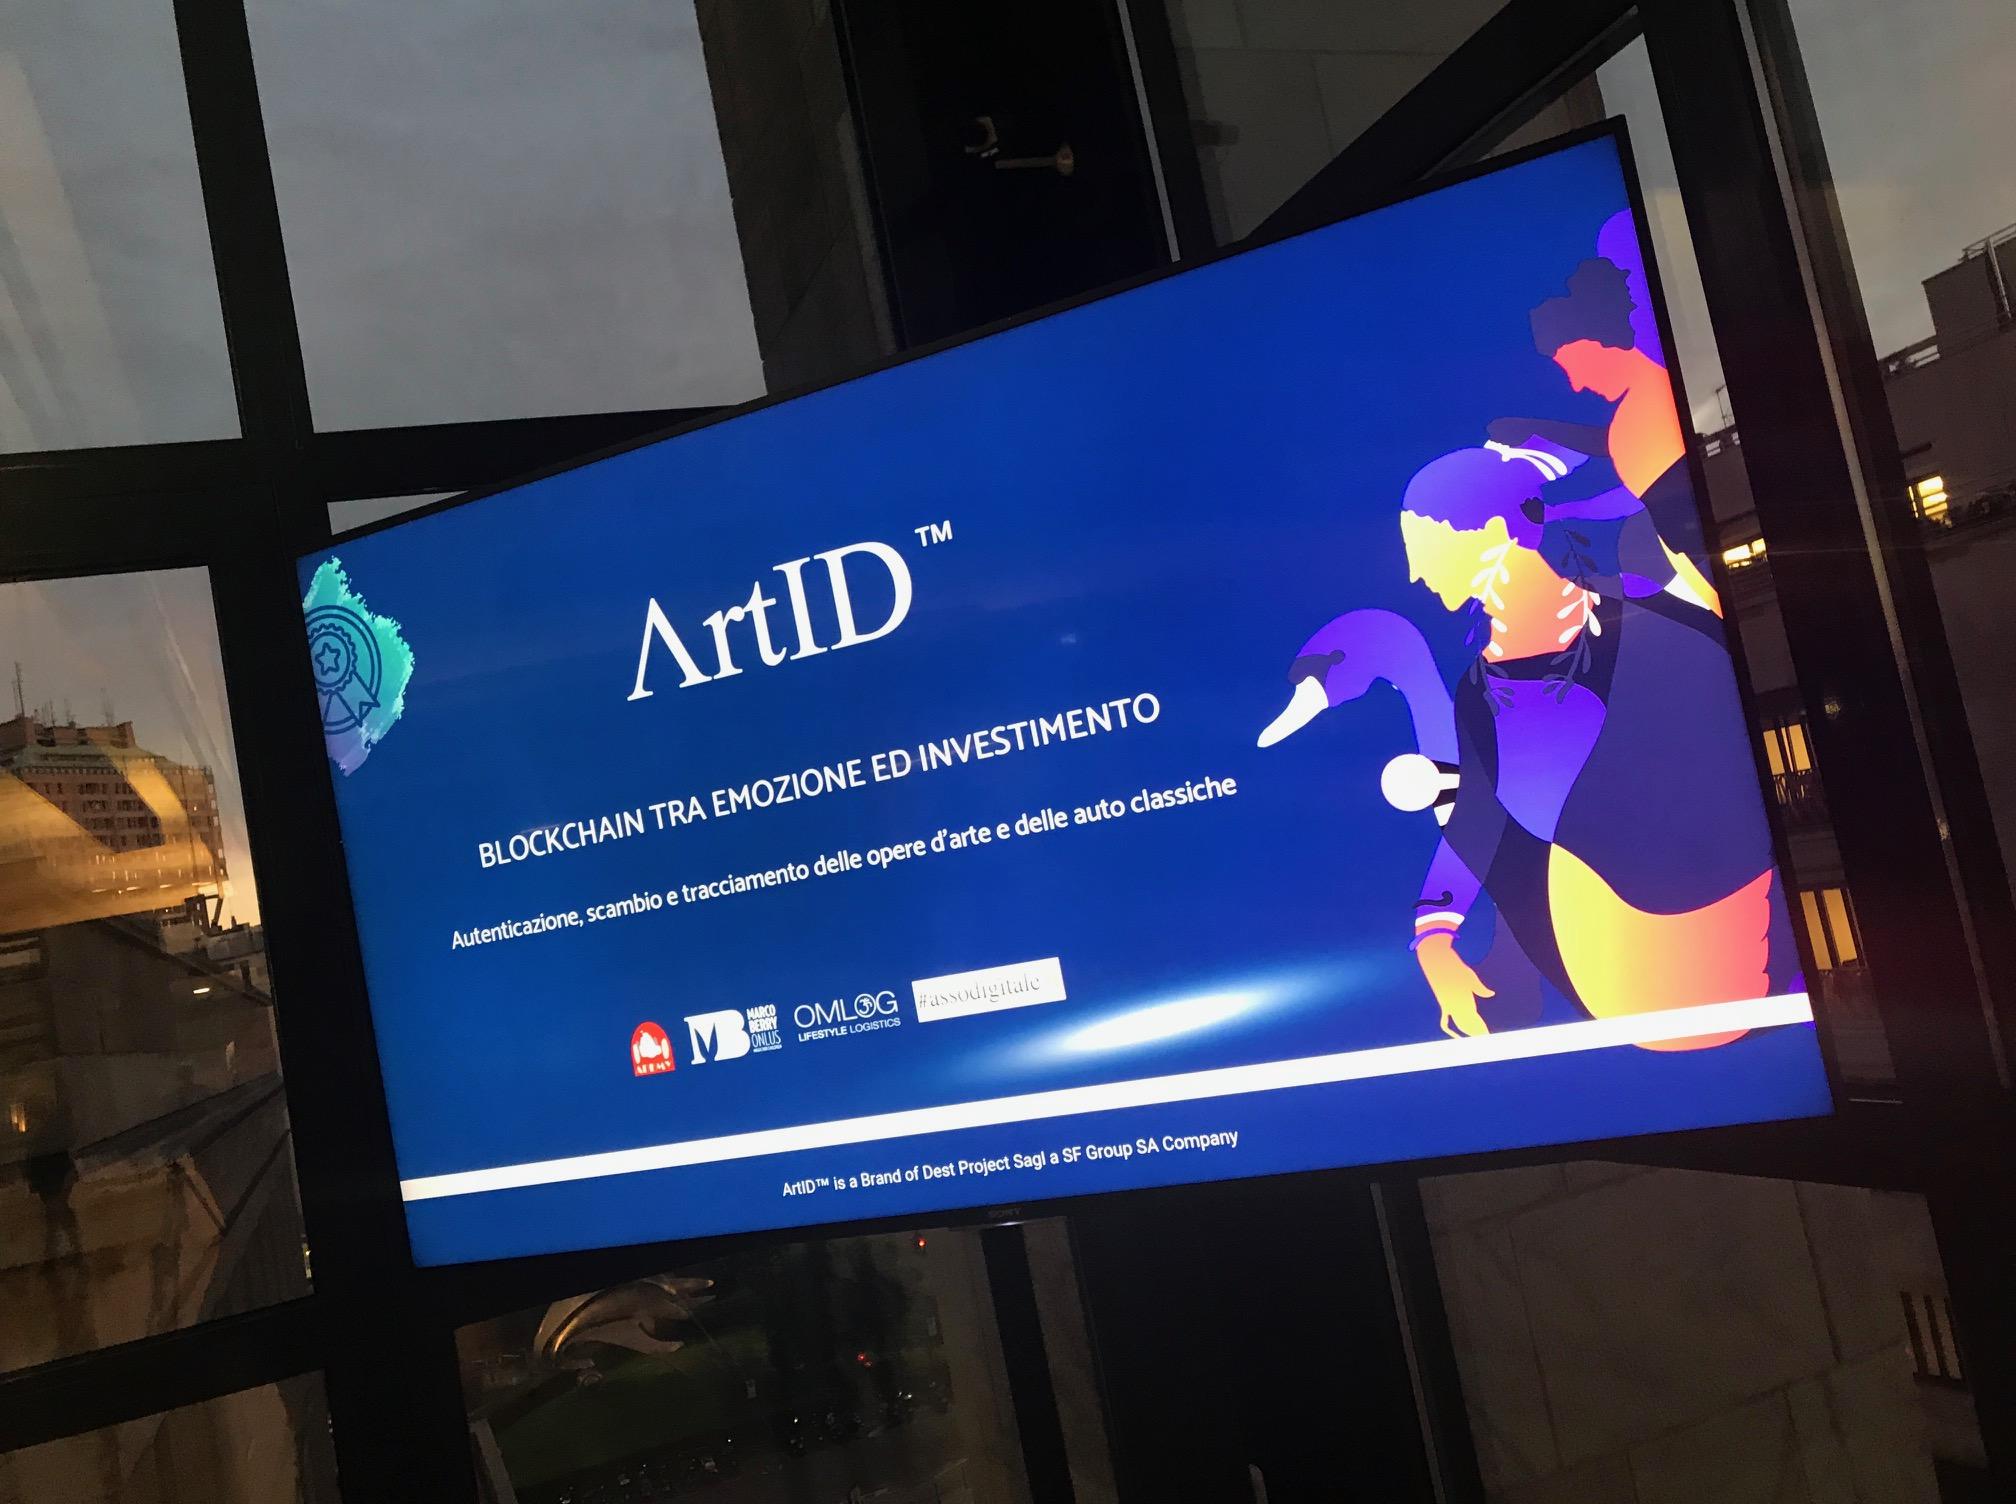 schermo Artid lancio servizio comunita finanziaria milanese prestigioso evento museo 900 - Artid lancia il servizio dinanzi alla comunità finanziaria milanese in un prestigioso evento al museo del 900